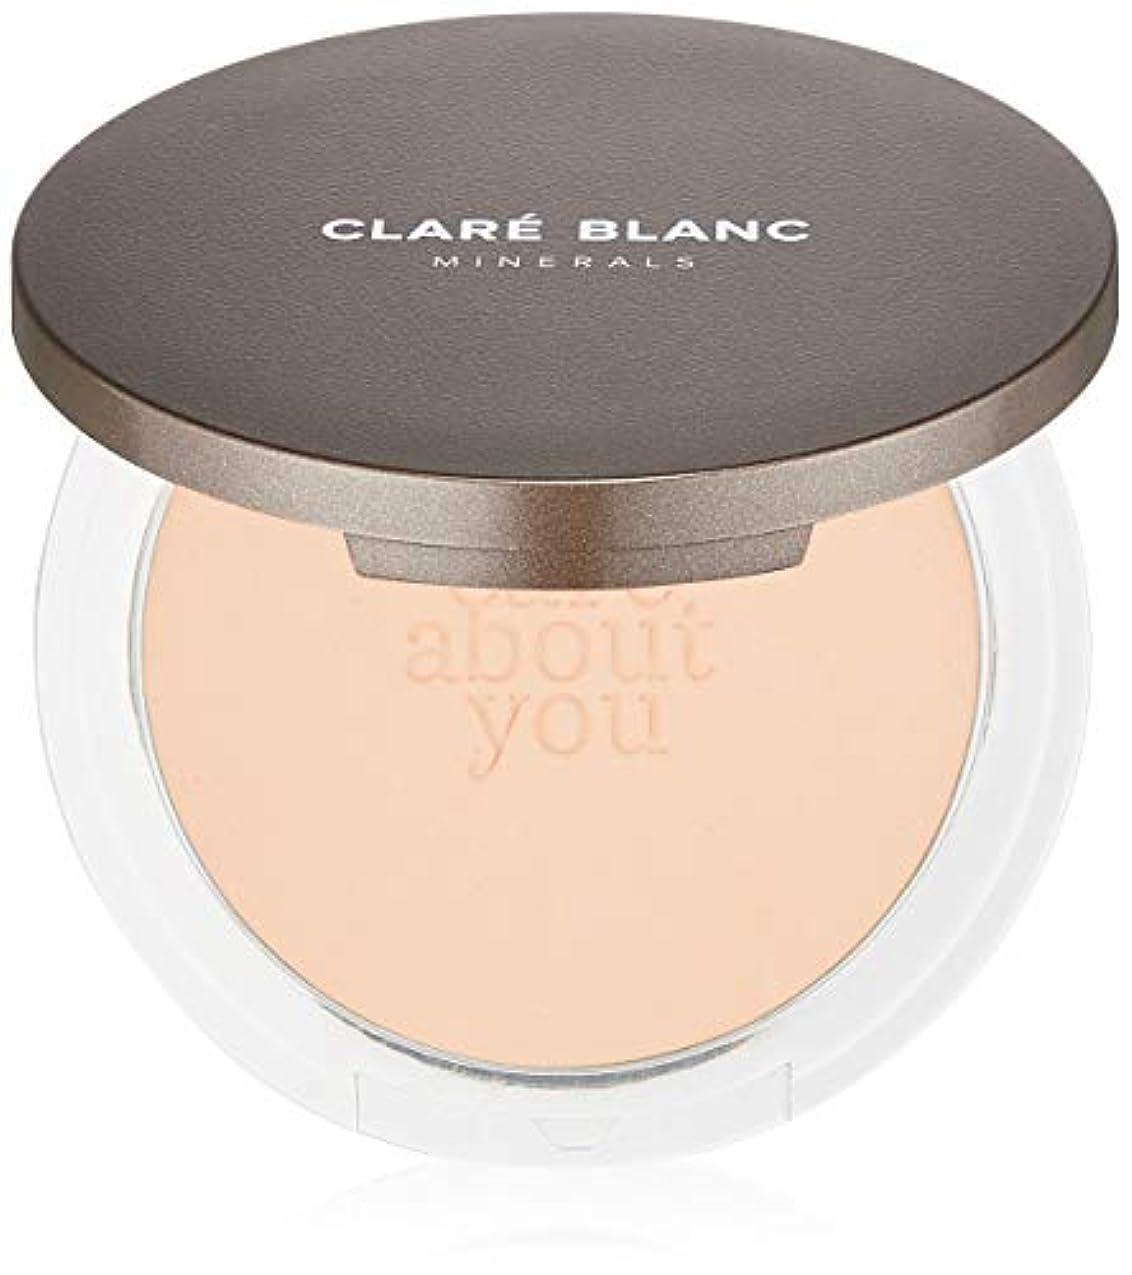 そこから柔らかさ宣伝CLARE BLANC(クラレブラン) ドリームプレストミネラルファンデ BEIGE330